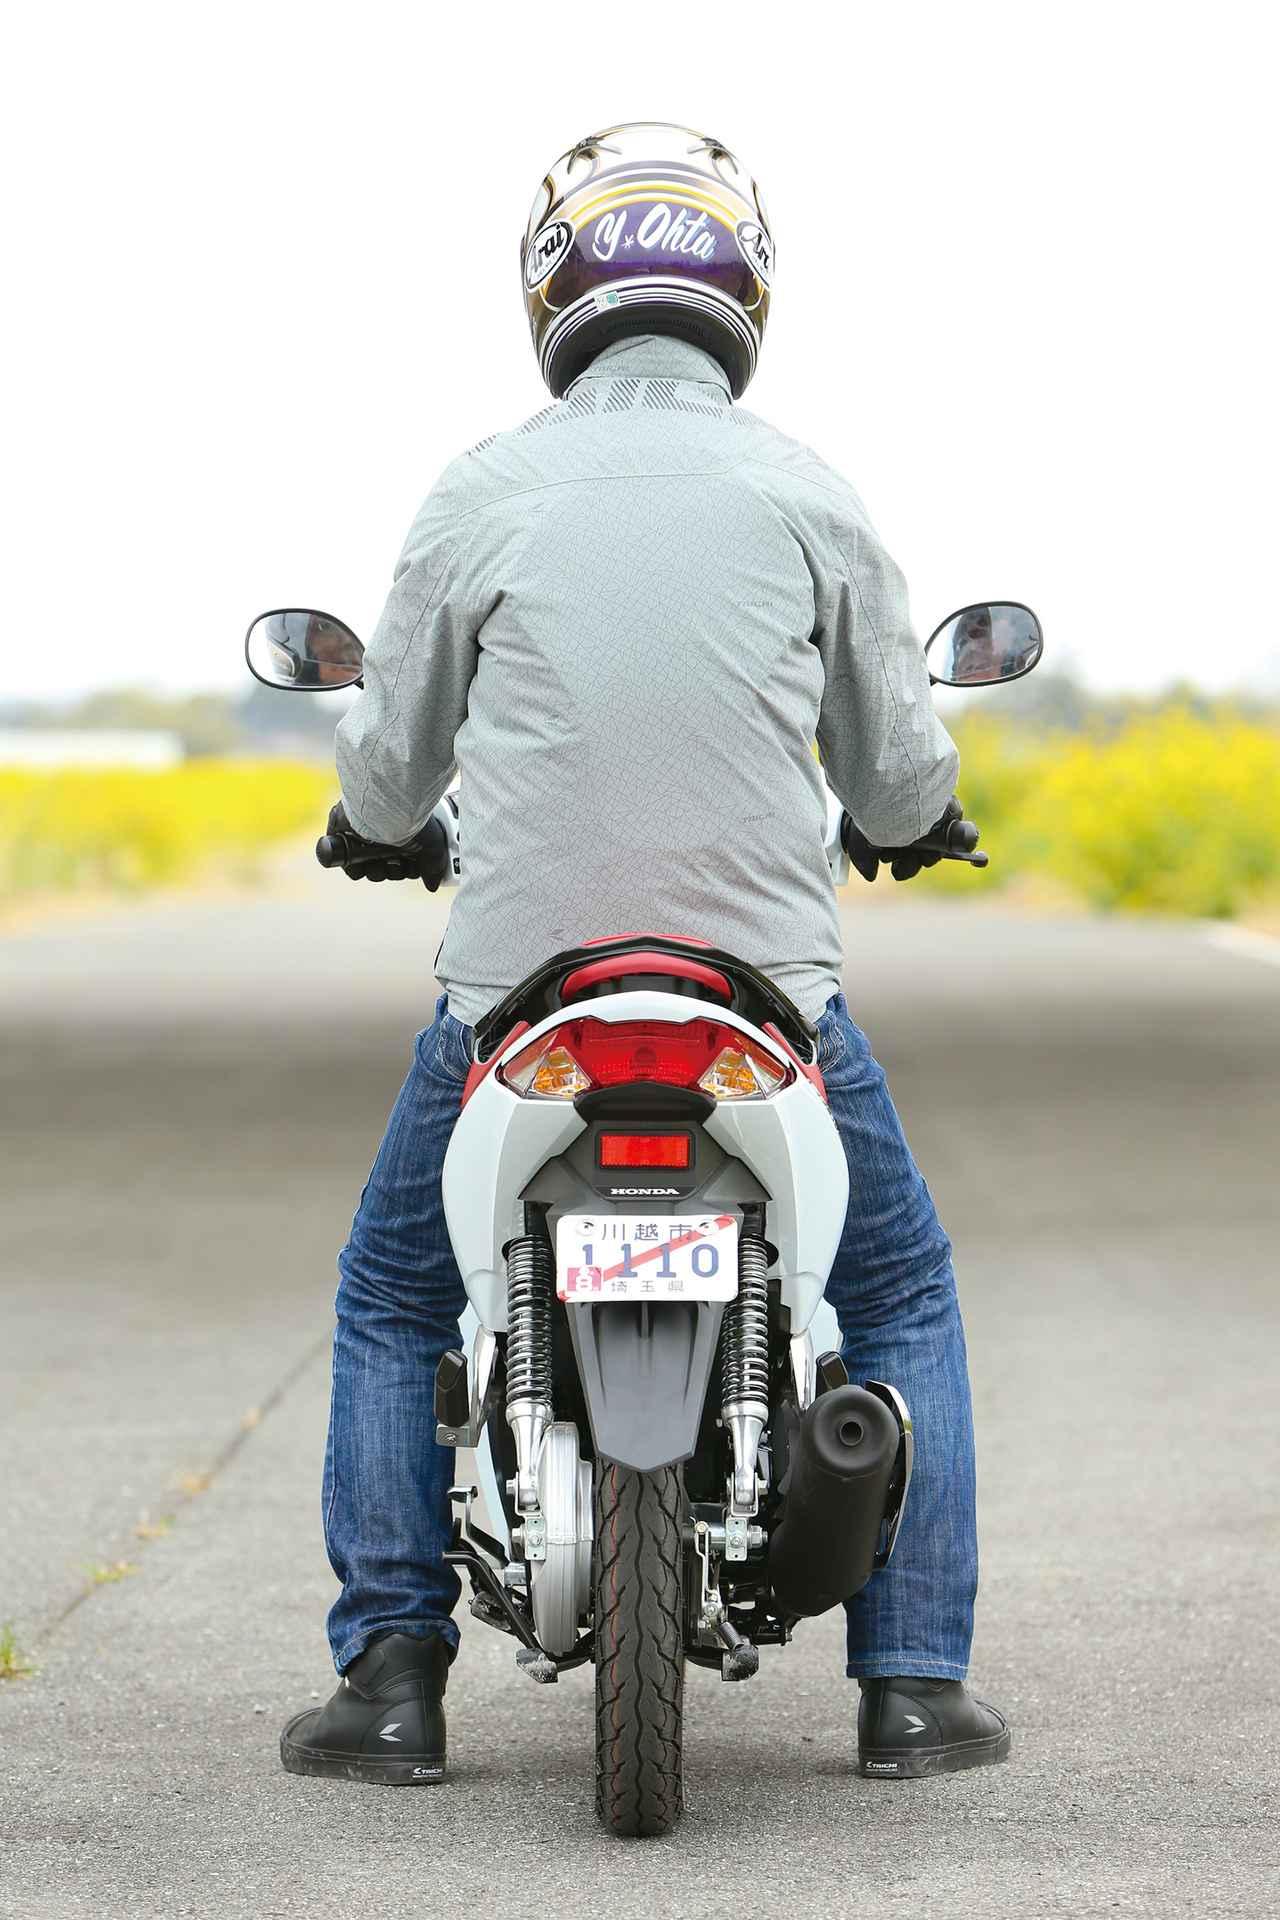 Images : 6番目の画像 - タイホンダ WAVE125i CAST WHEEL - webオートバイ